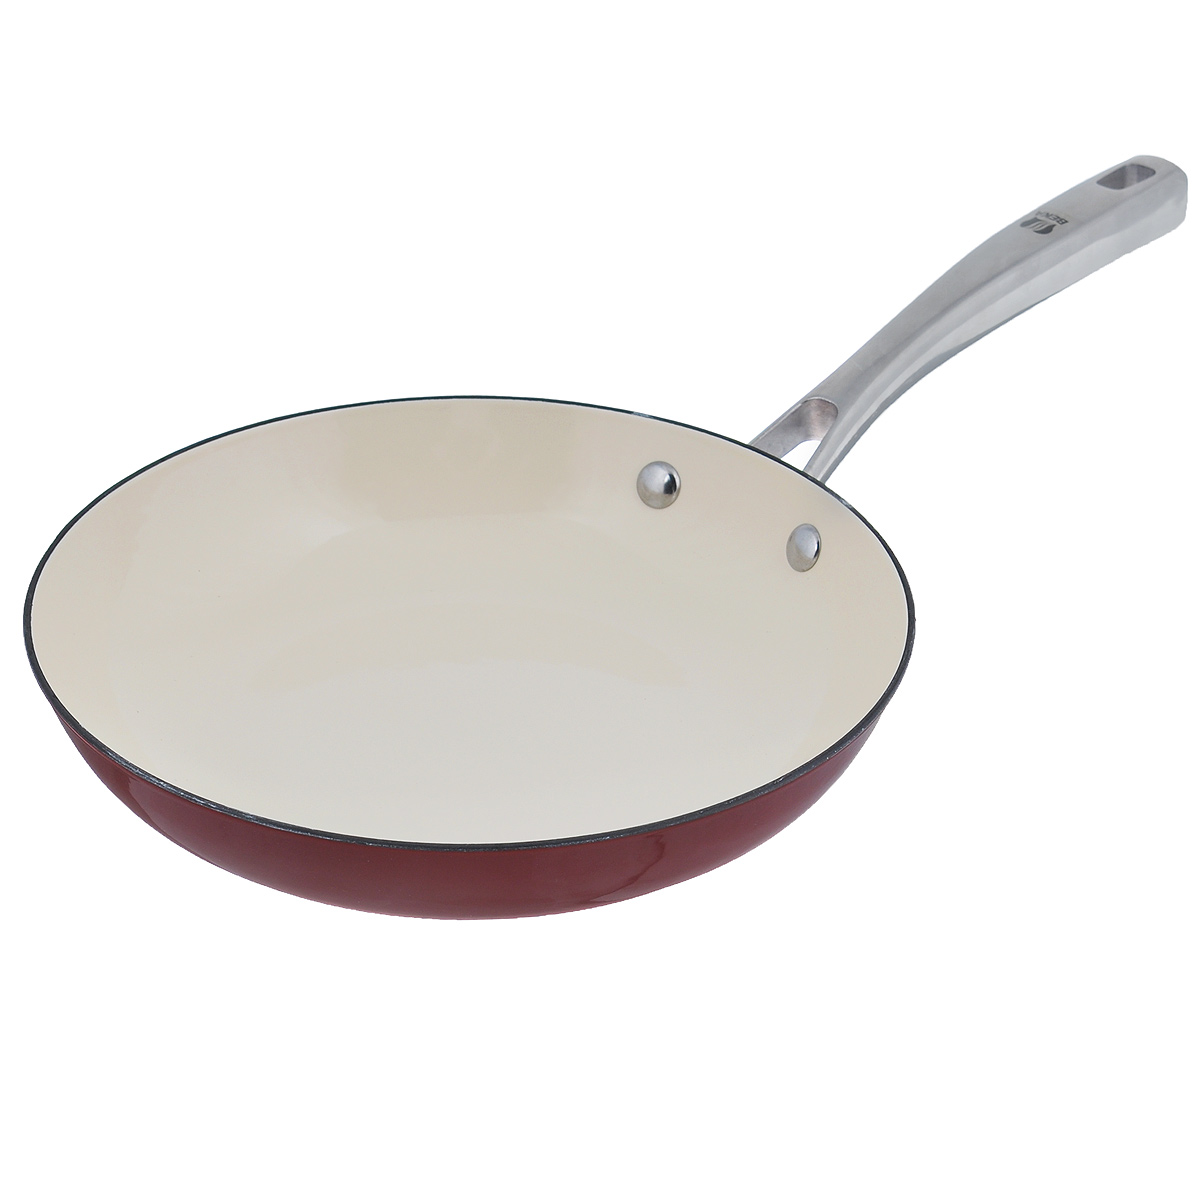 Сковорода Beka Arome, цвет: красный. Диаметр 24 см. 1630724416307244Сковорода Beka Arome изготовлена из эмалированного чугуна. Он быстро нагревается и, постепенно отдавая тепло, обеспечивает наилучшее качество приготовления любимых блюд. Жаростойкая эмаль обладает повышенной устойчивостью к микроповреждениям и надолго сохраняет свой эстетичный внешний вид.Сковорода снабжена удобной и прочной ручкой из нержавеющей стали.Подходит для приготовления пищи на всех типах плит, включая индукционные. Можно мыть в посудомоечной машине.